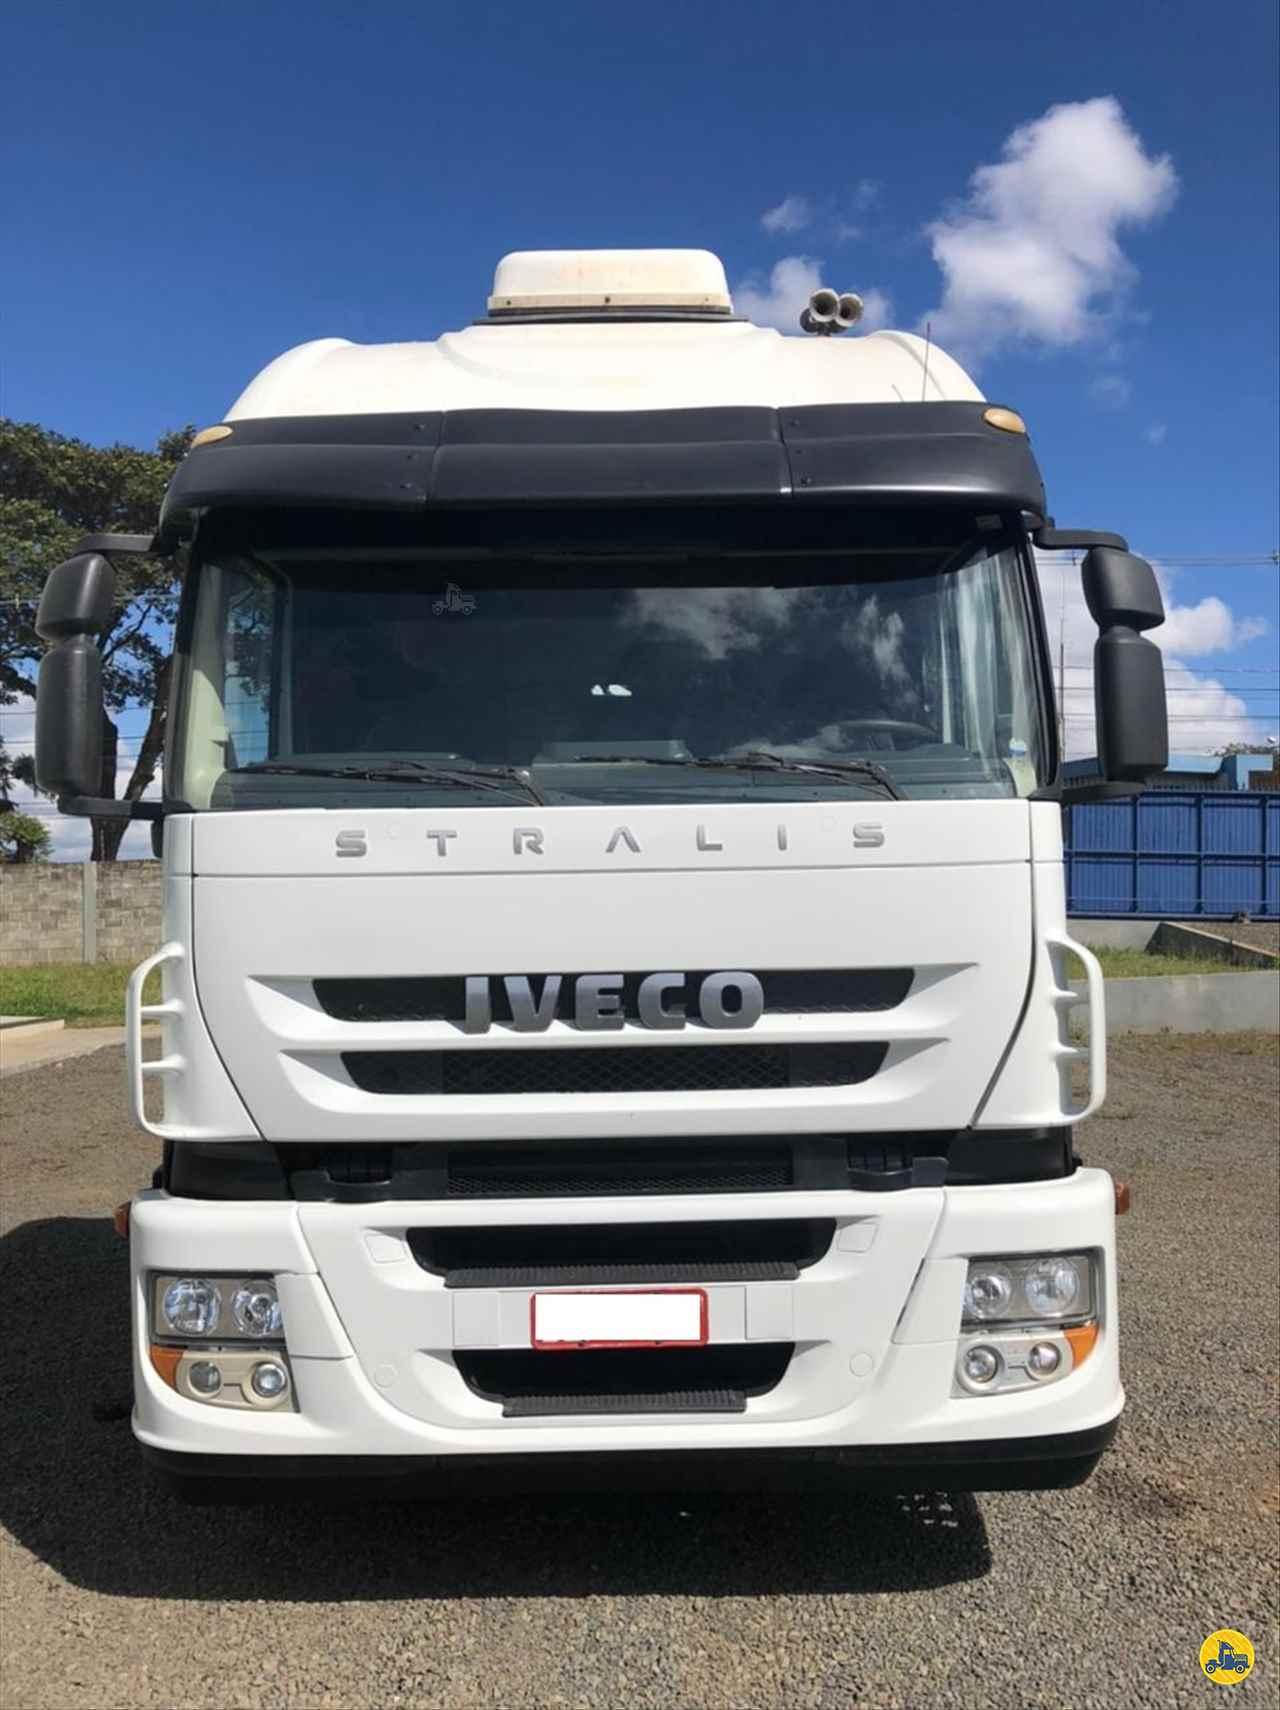 CAMINHAO IVECO STRALIS 440 Cavalo Mecânico Truck 6x2 Rodoprima Transportes PONTA GROSSA PARANÁ PR